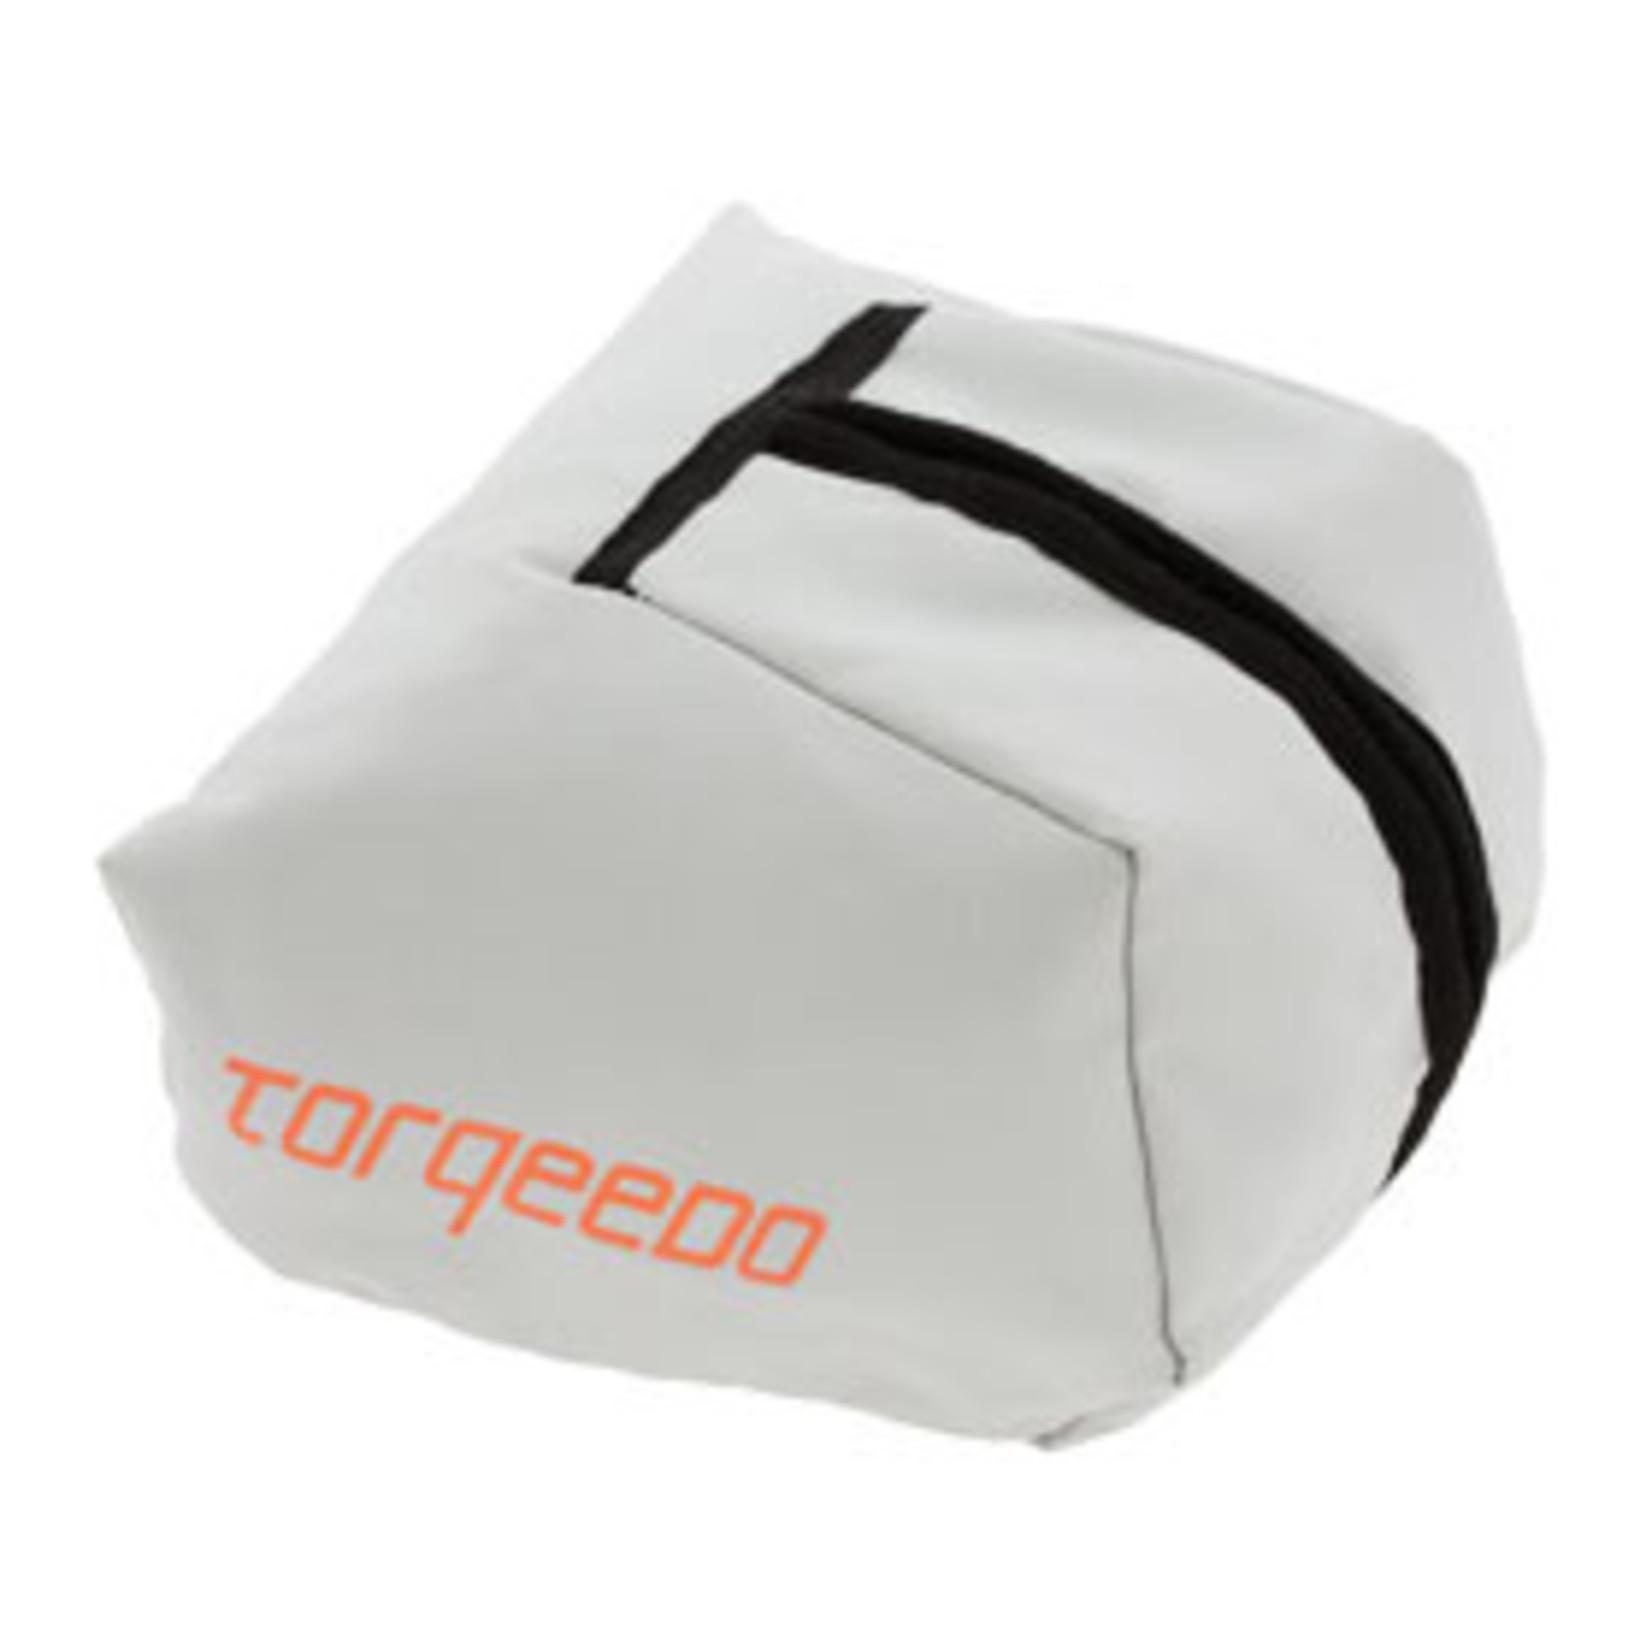 Torqeedo Torqeedo Travel motorhoes - beschermhoes